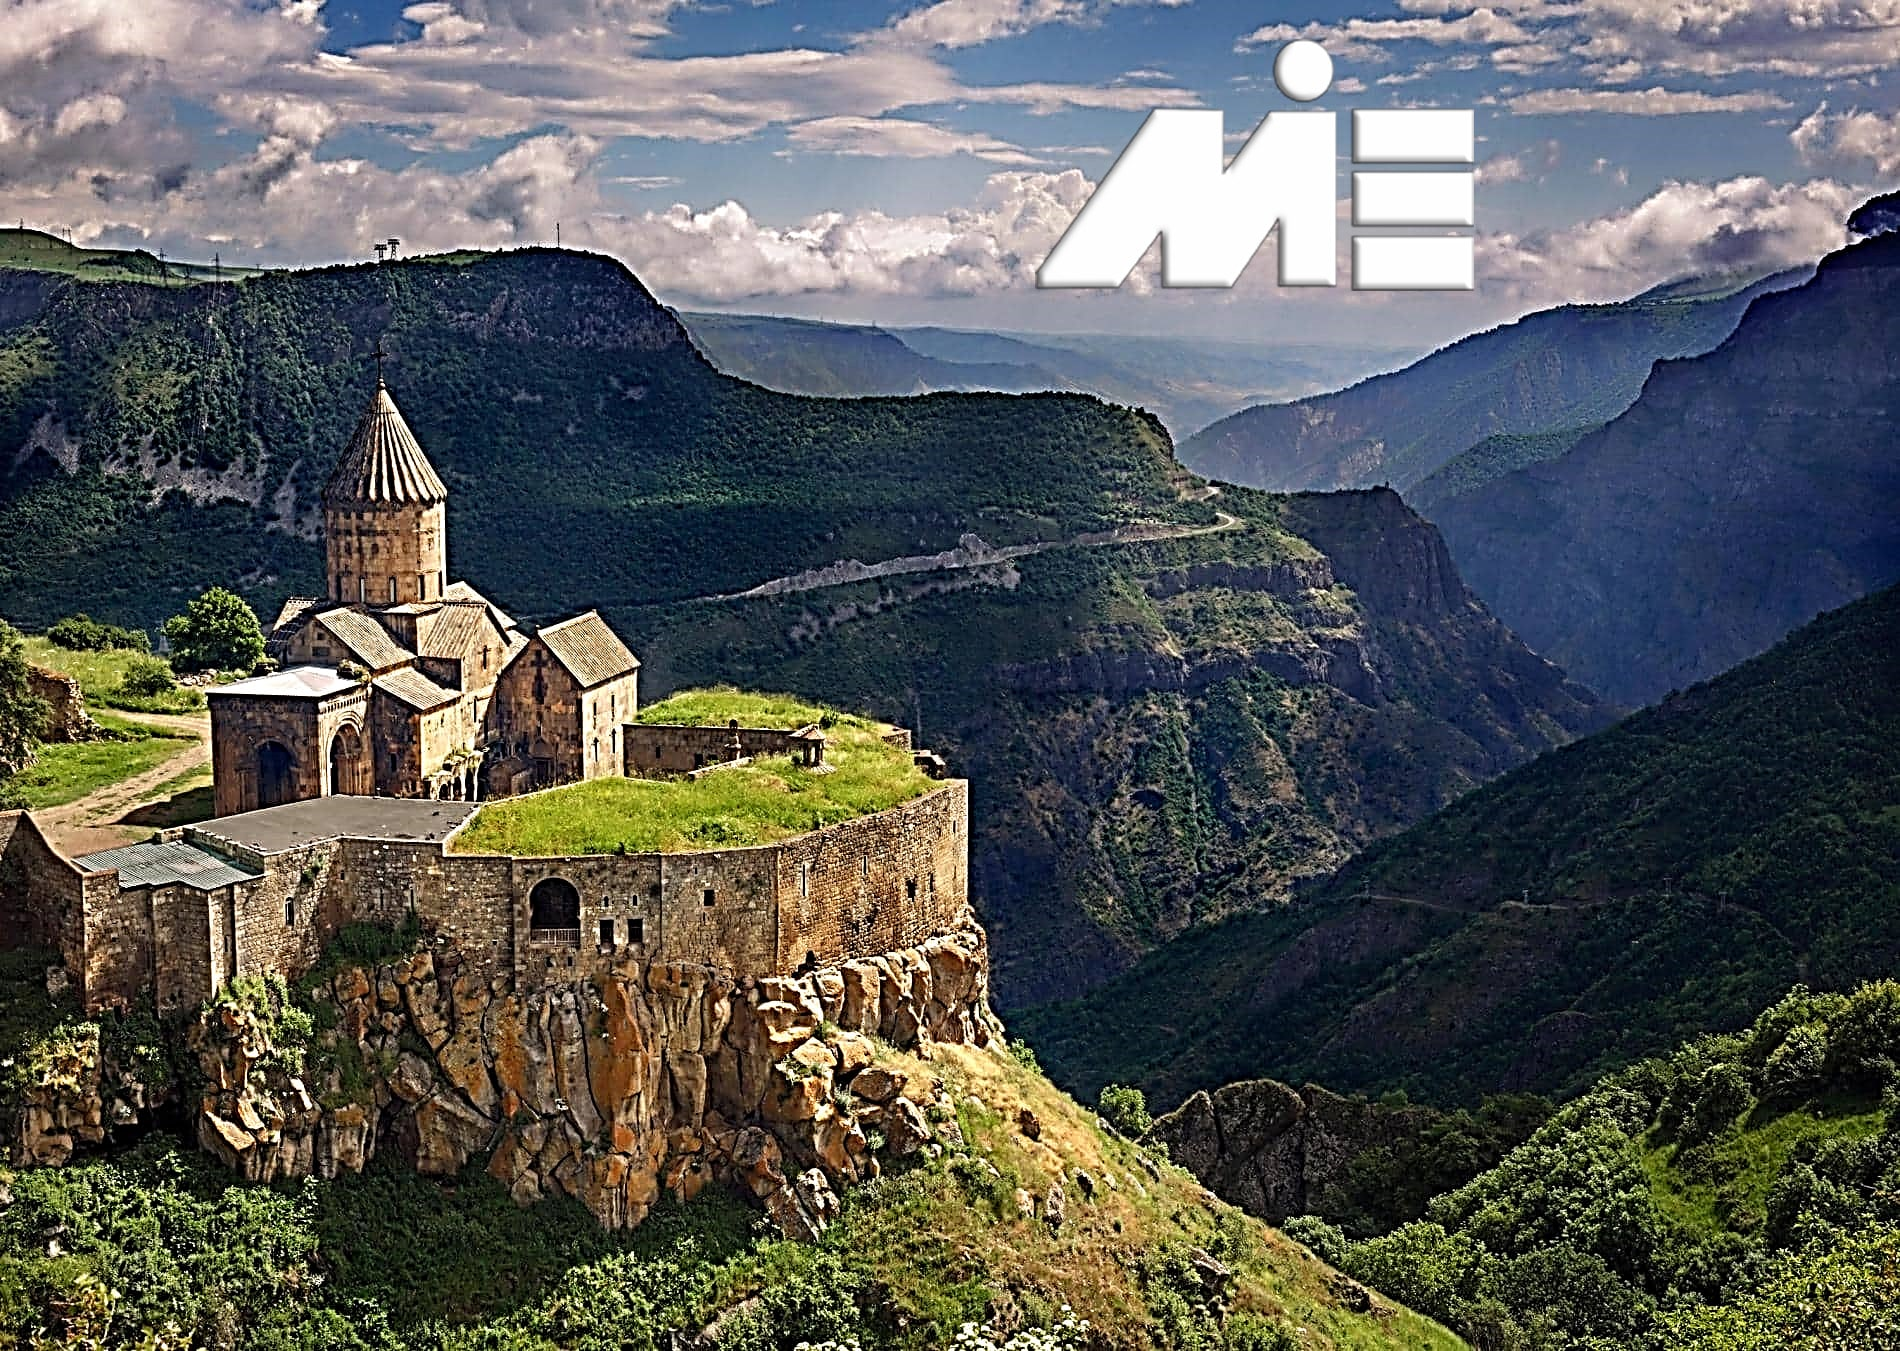 طبیعت ارمنستان ـ مهاجرت به ارمنستان